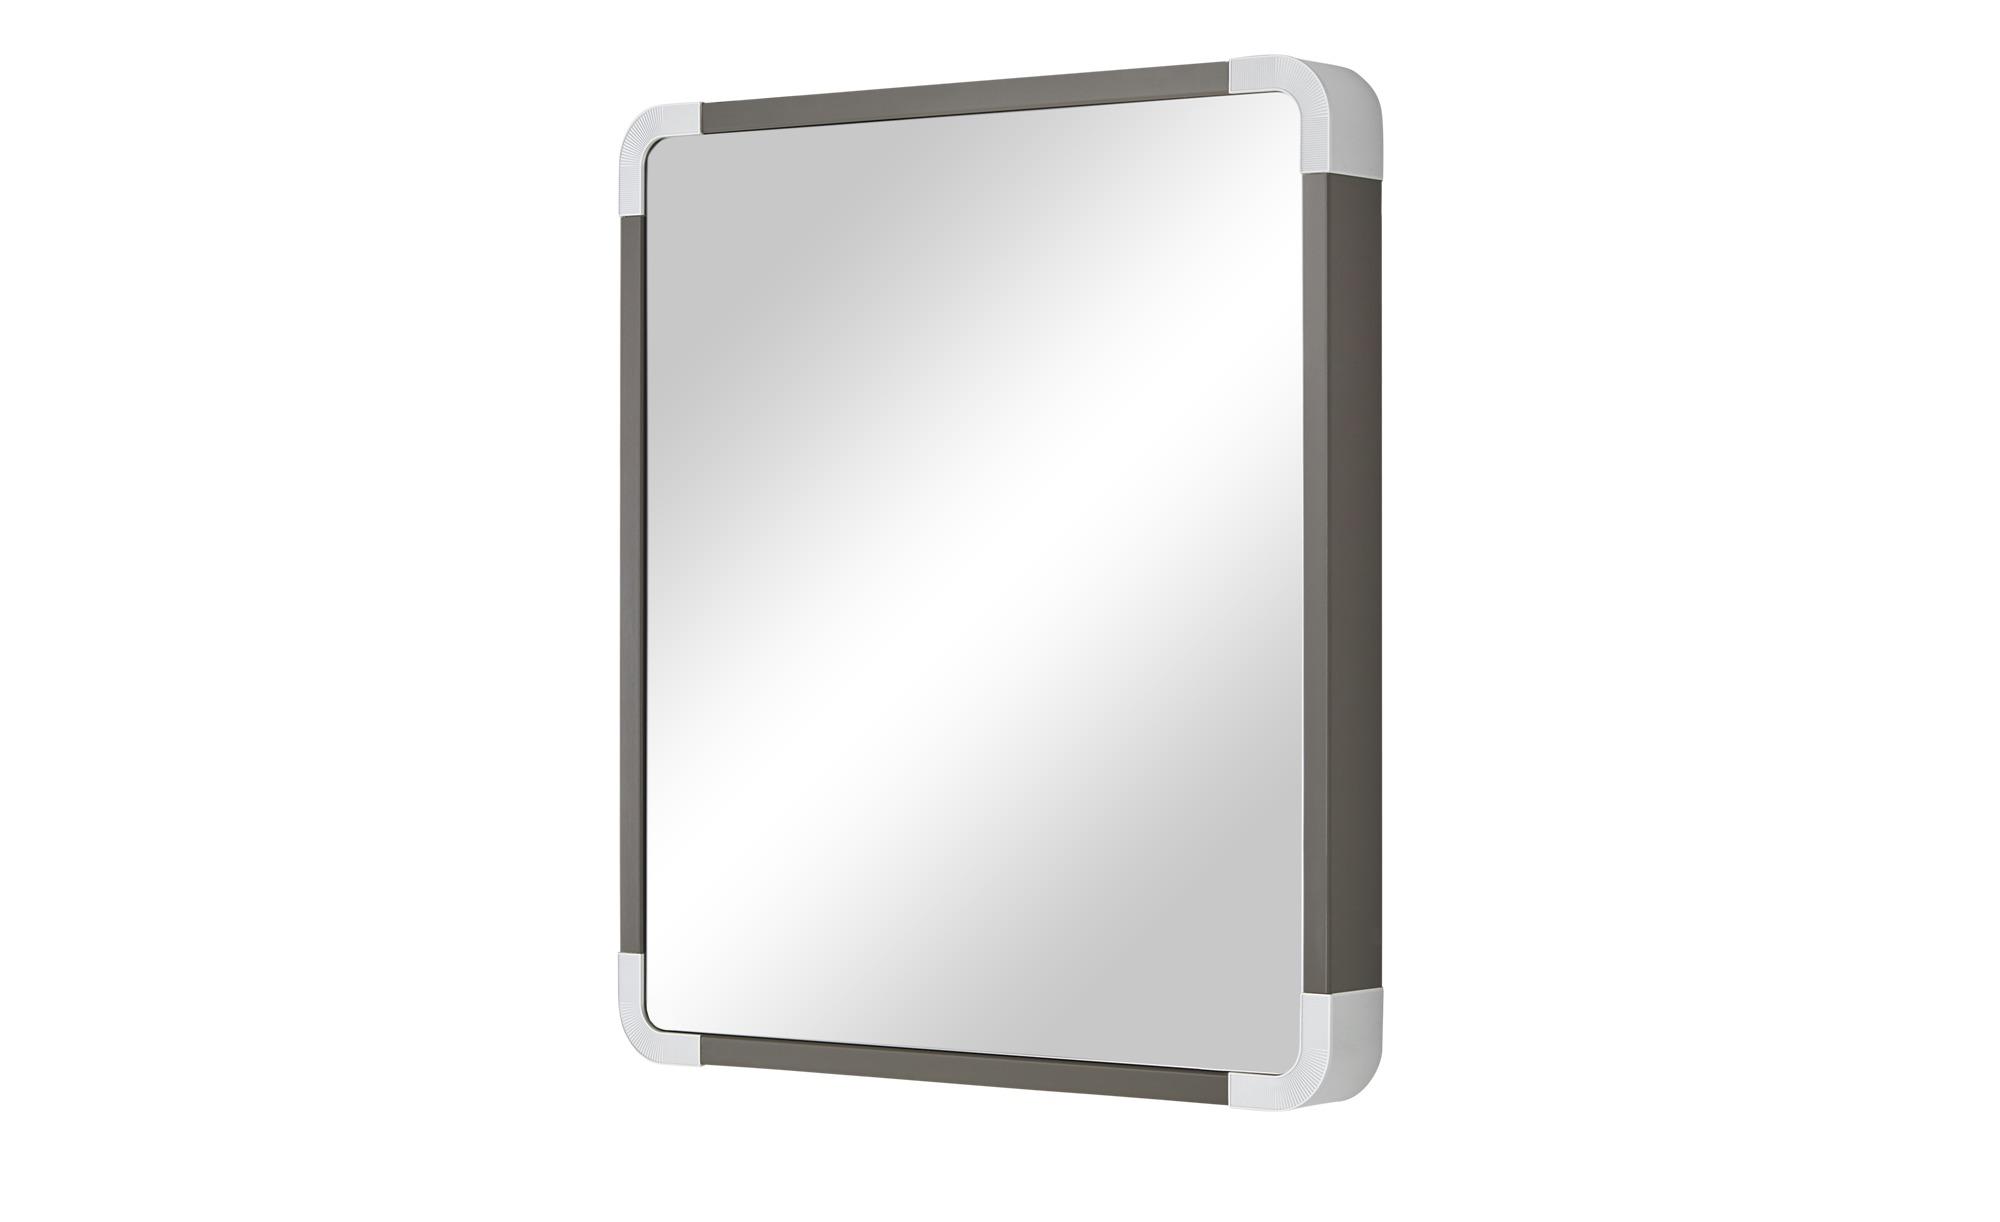 Spiegel Elara ¦ Maße (cm): B: 54 H: 61 T: 6 Schränke > Badschränke >  Badezimmerspiegel - Höffner